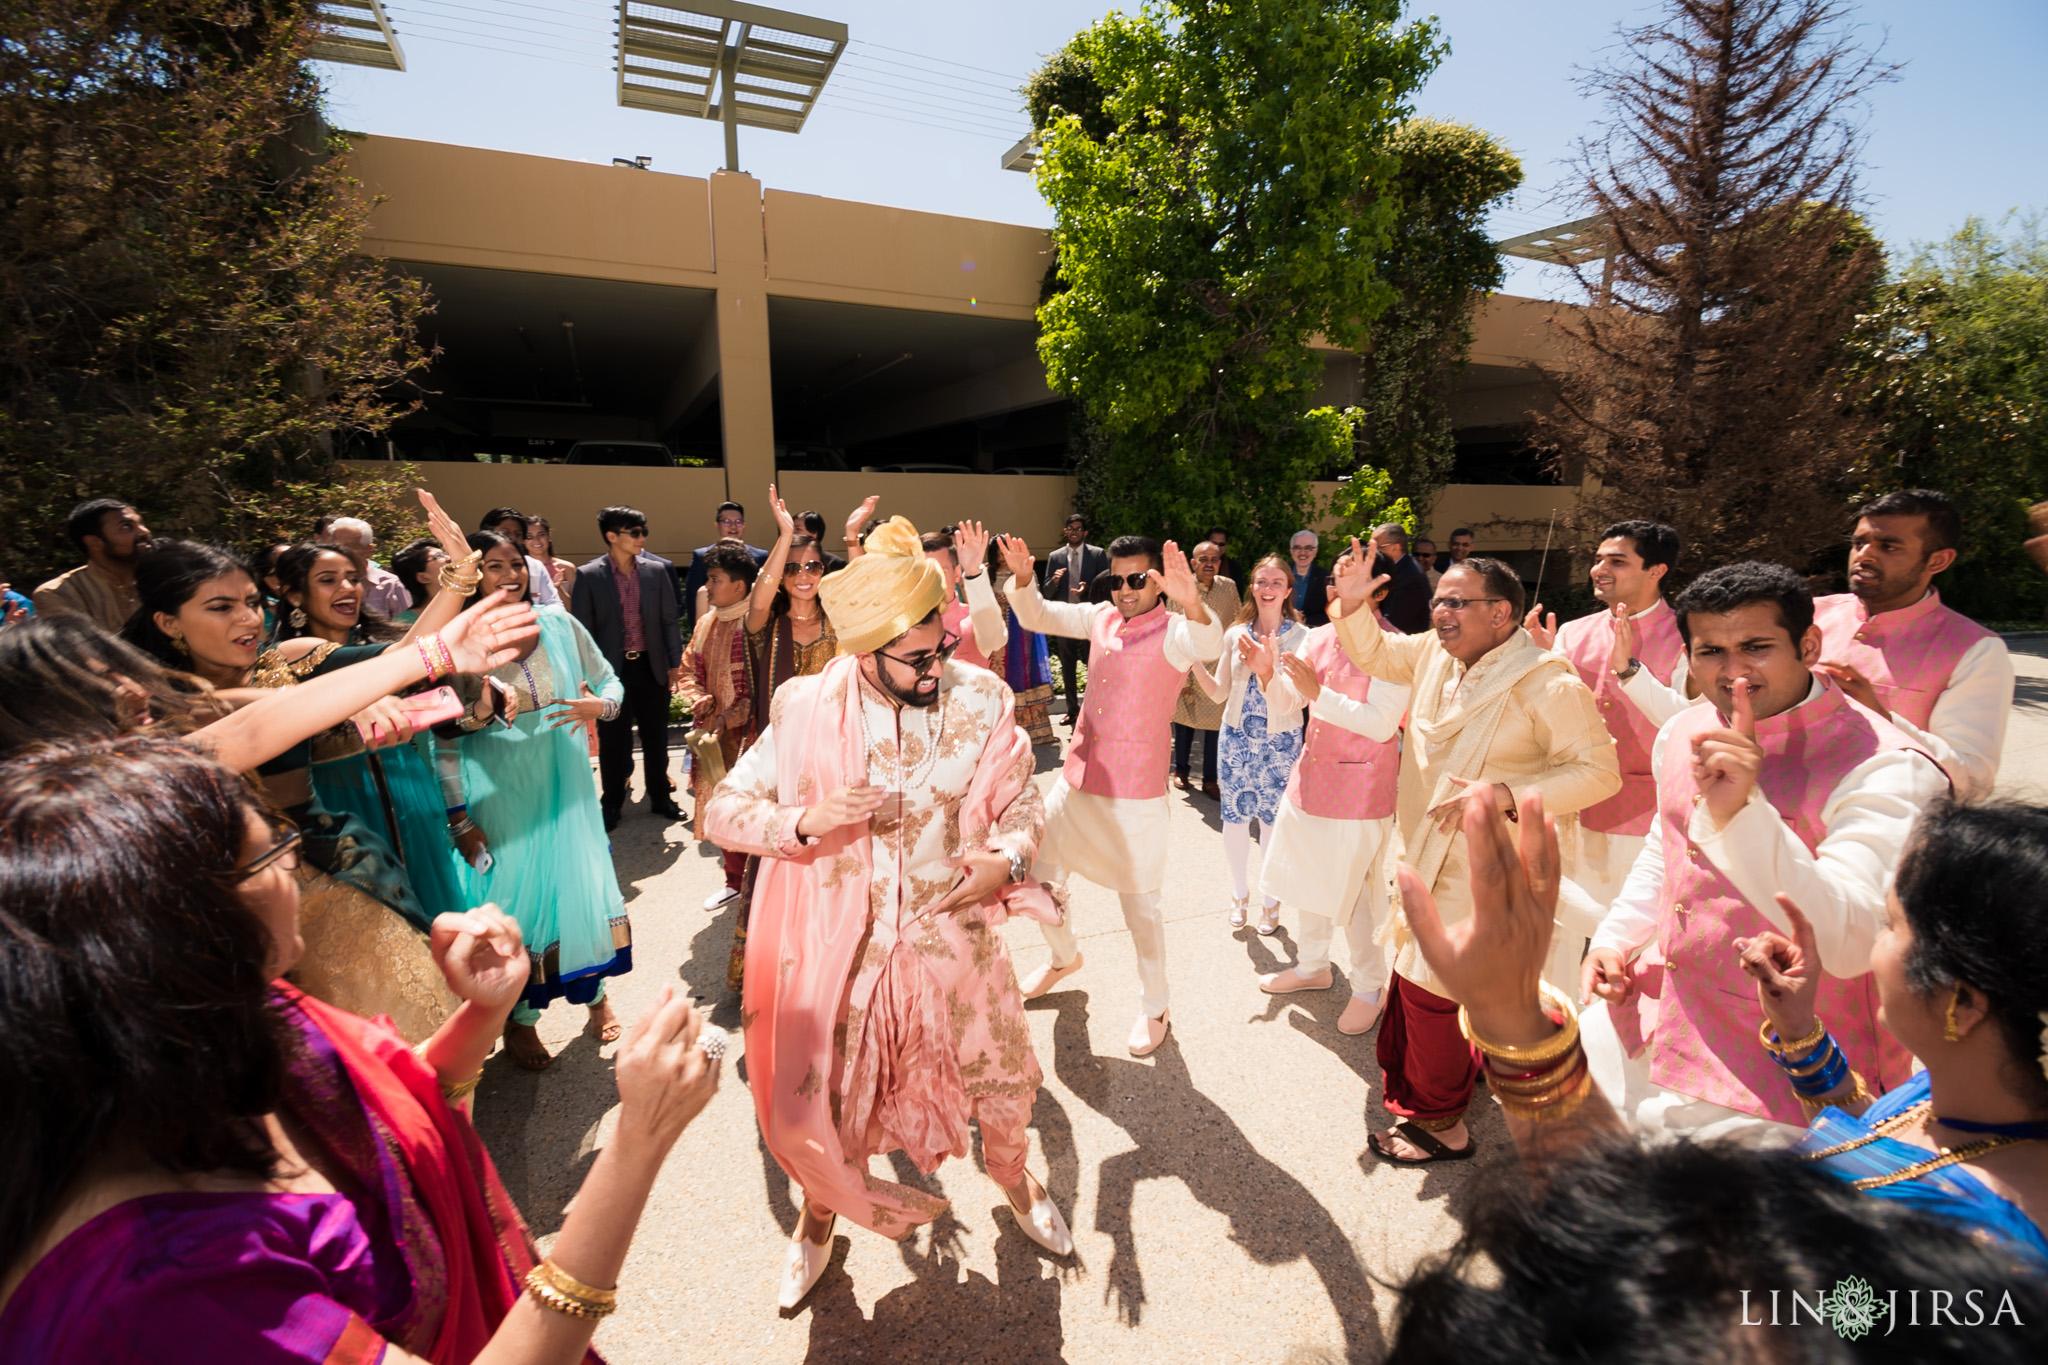 23 four seasons westlake village indian baraat wedding photography